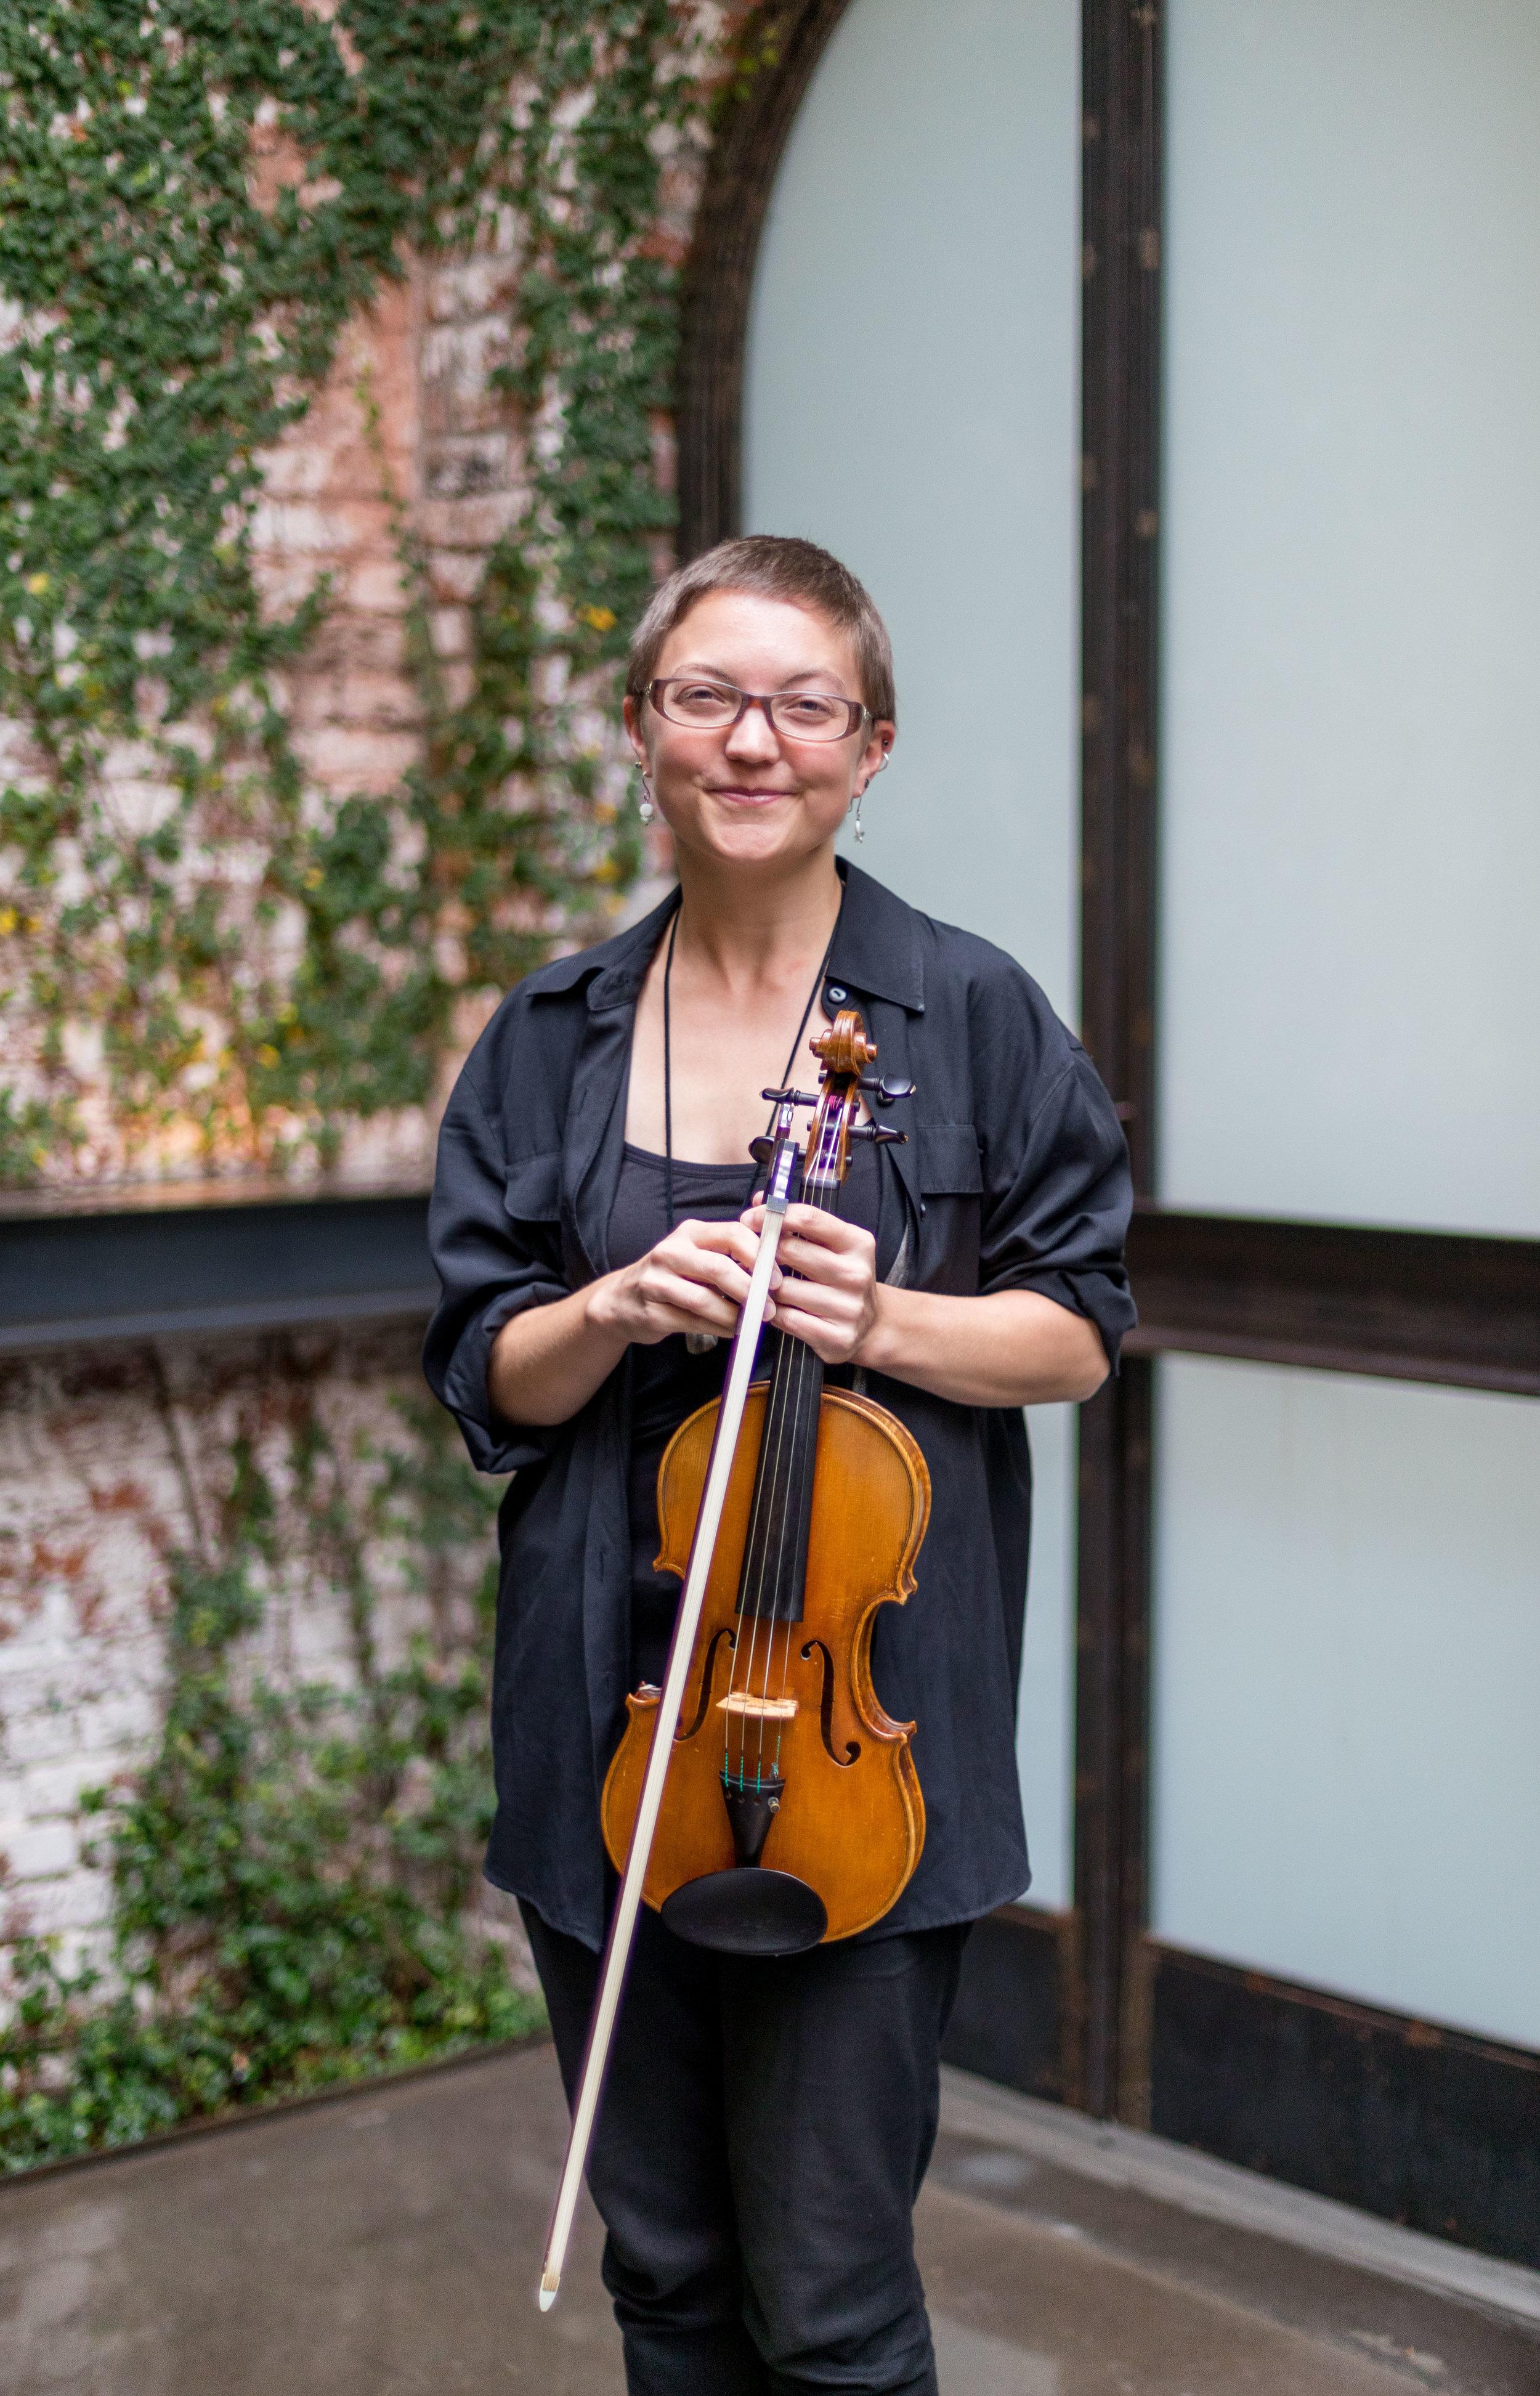 Copy of Megan Atchley - Violin